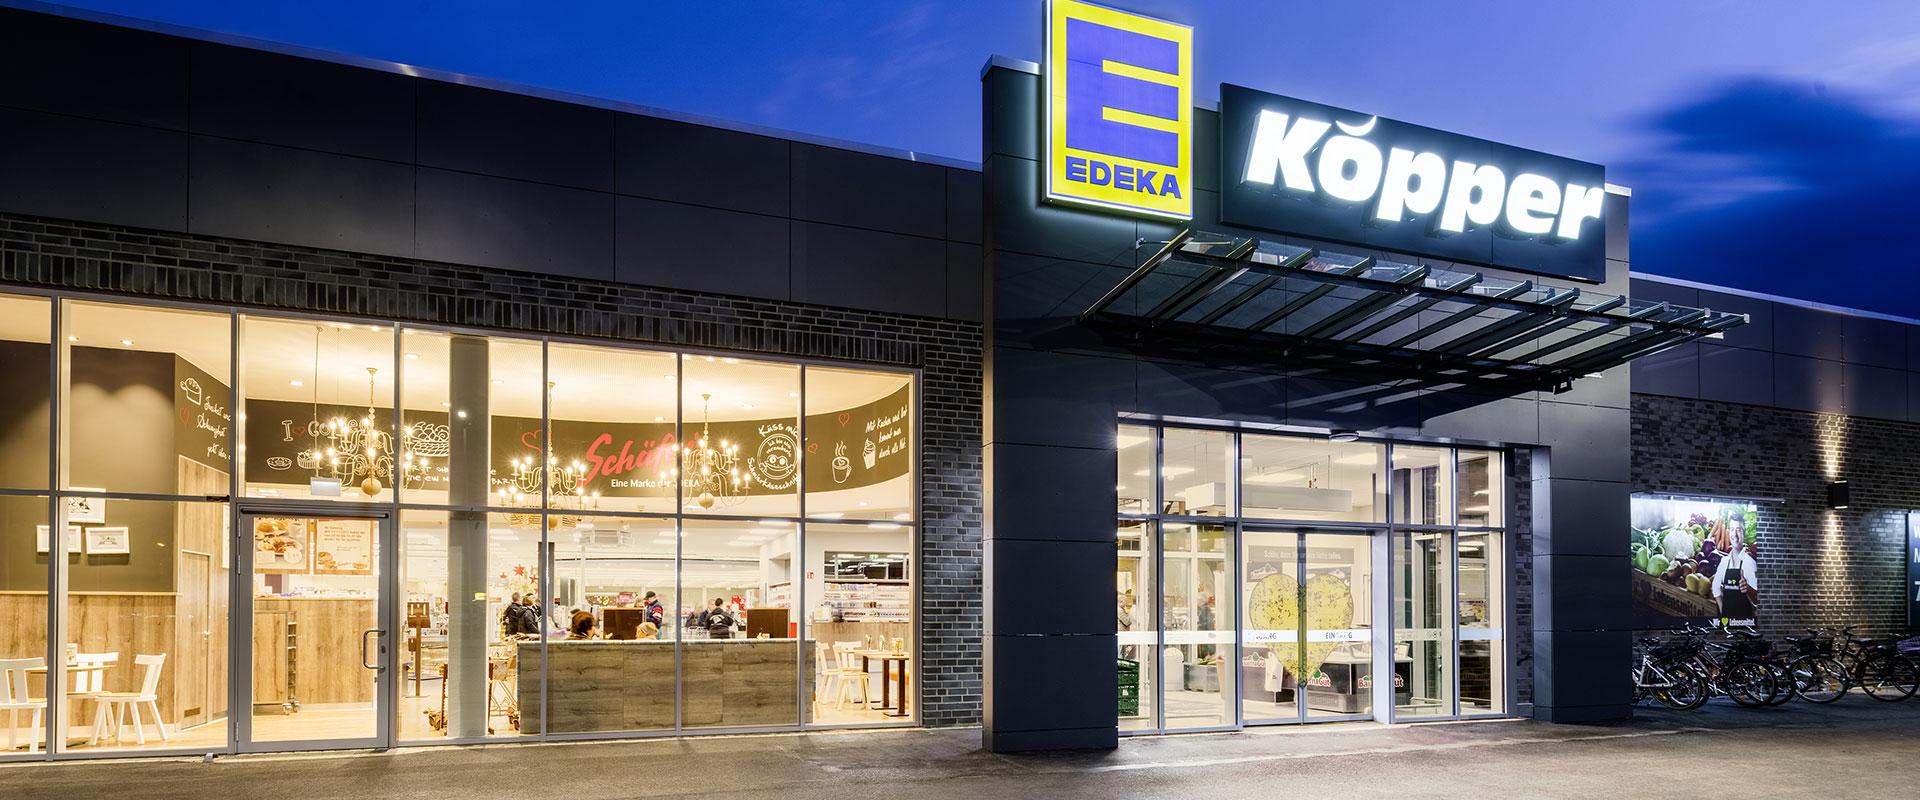 Освещение супермаркета EDEKA в Нидернвёрене